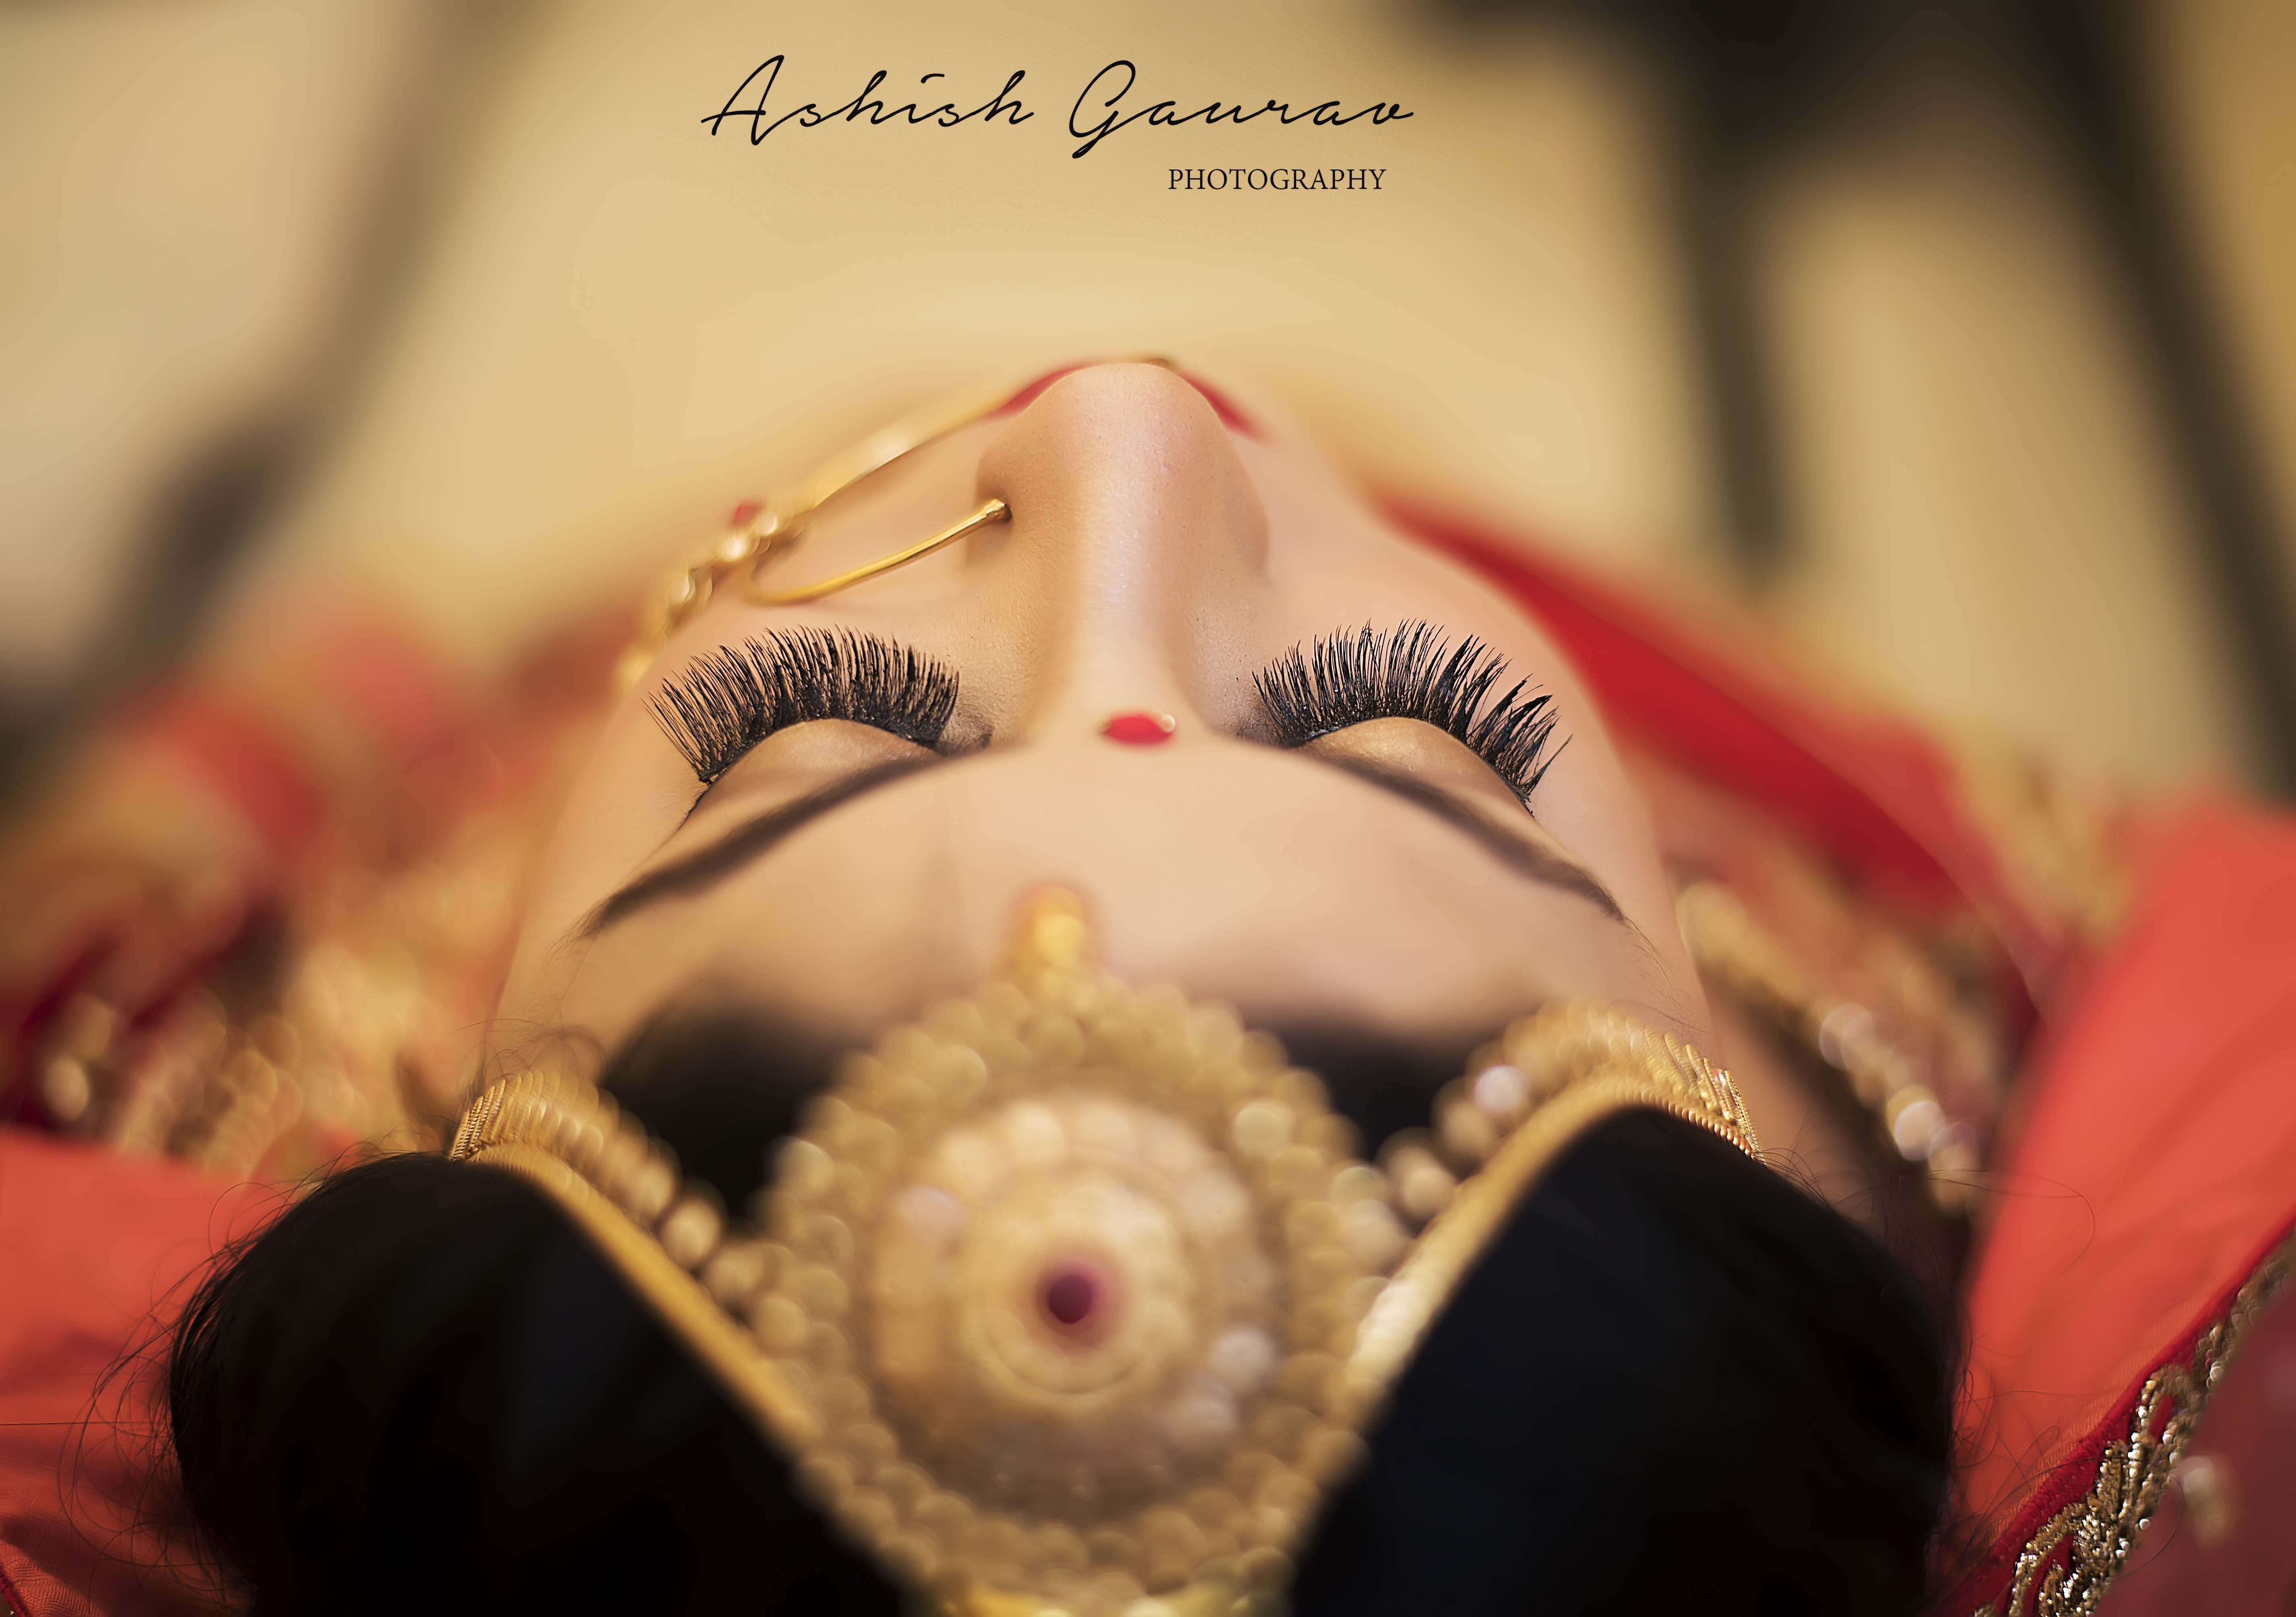 ASHISH GAURAV PHOTOGRAPHY - Portfolio